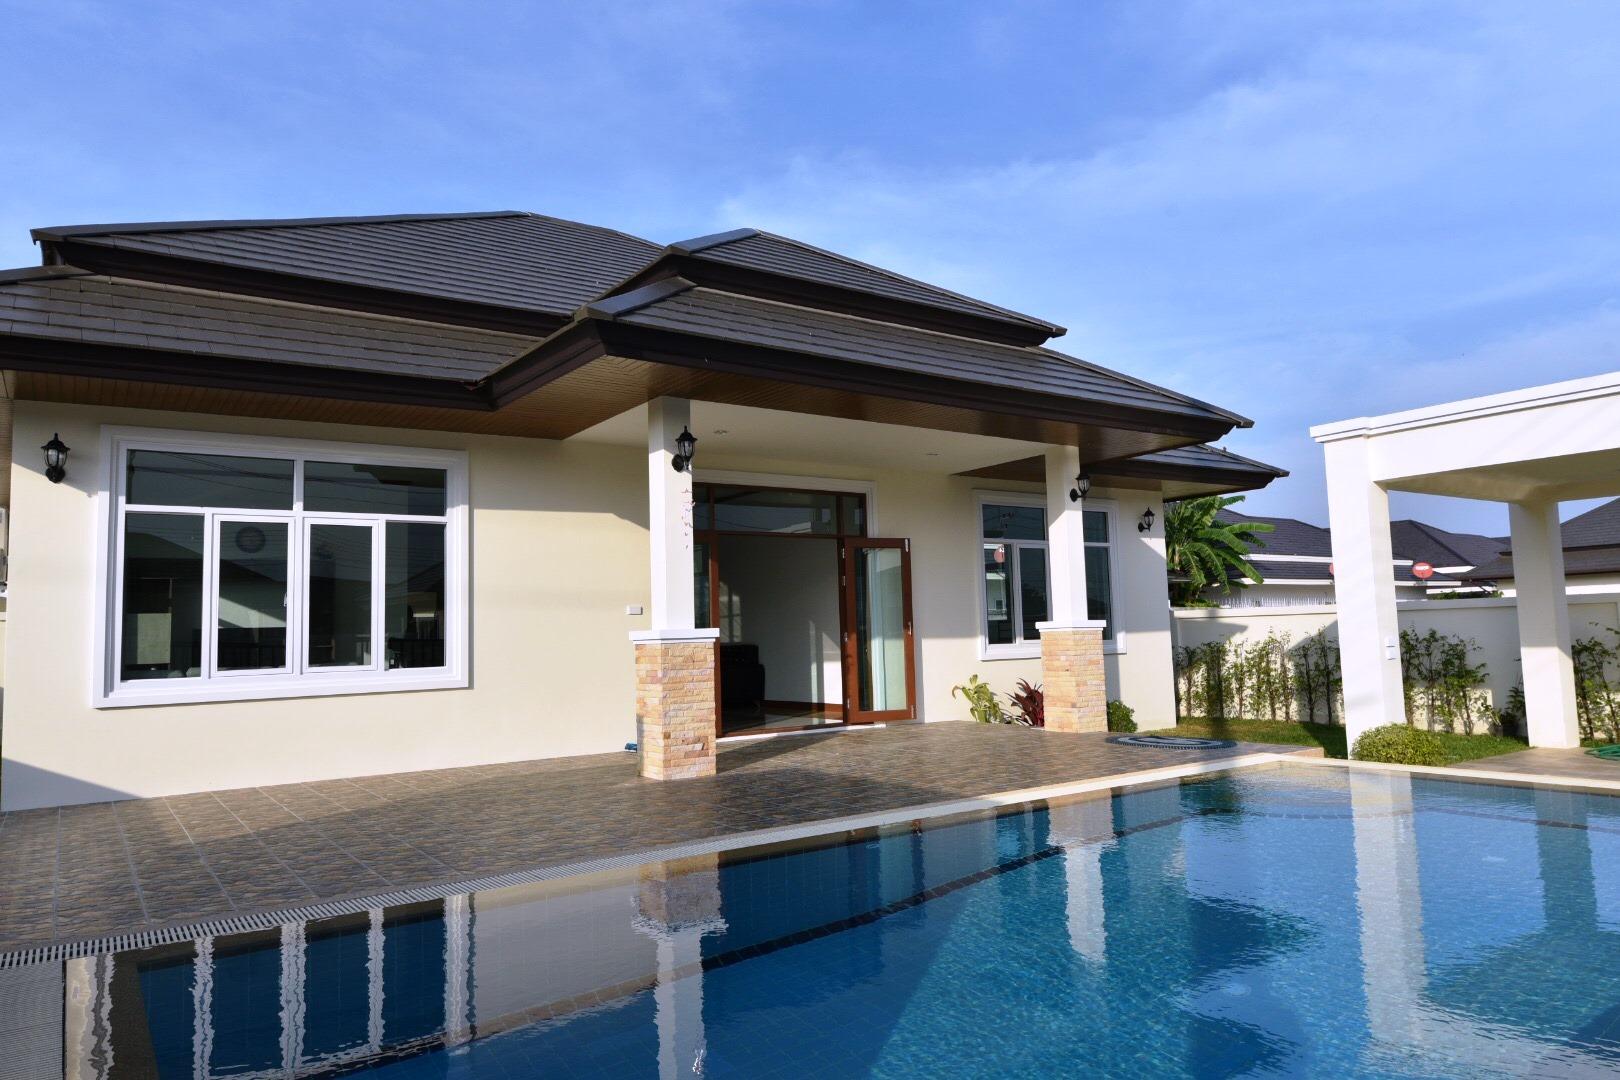 New Pool Villa in Hua Hin near Palm Hills Golf Resort